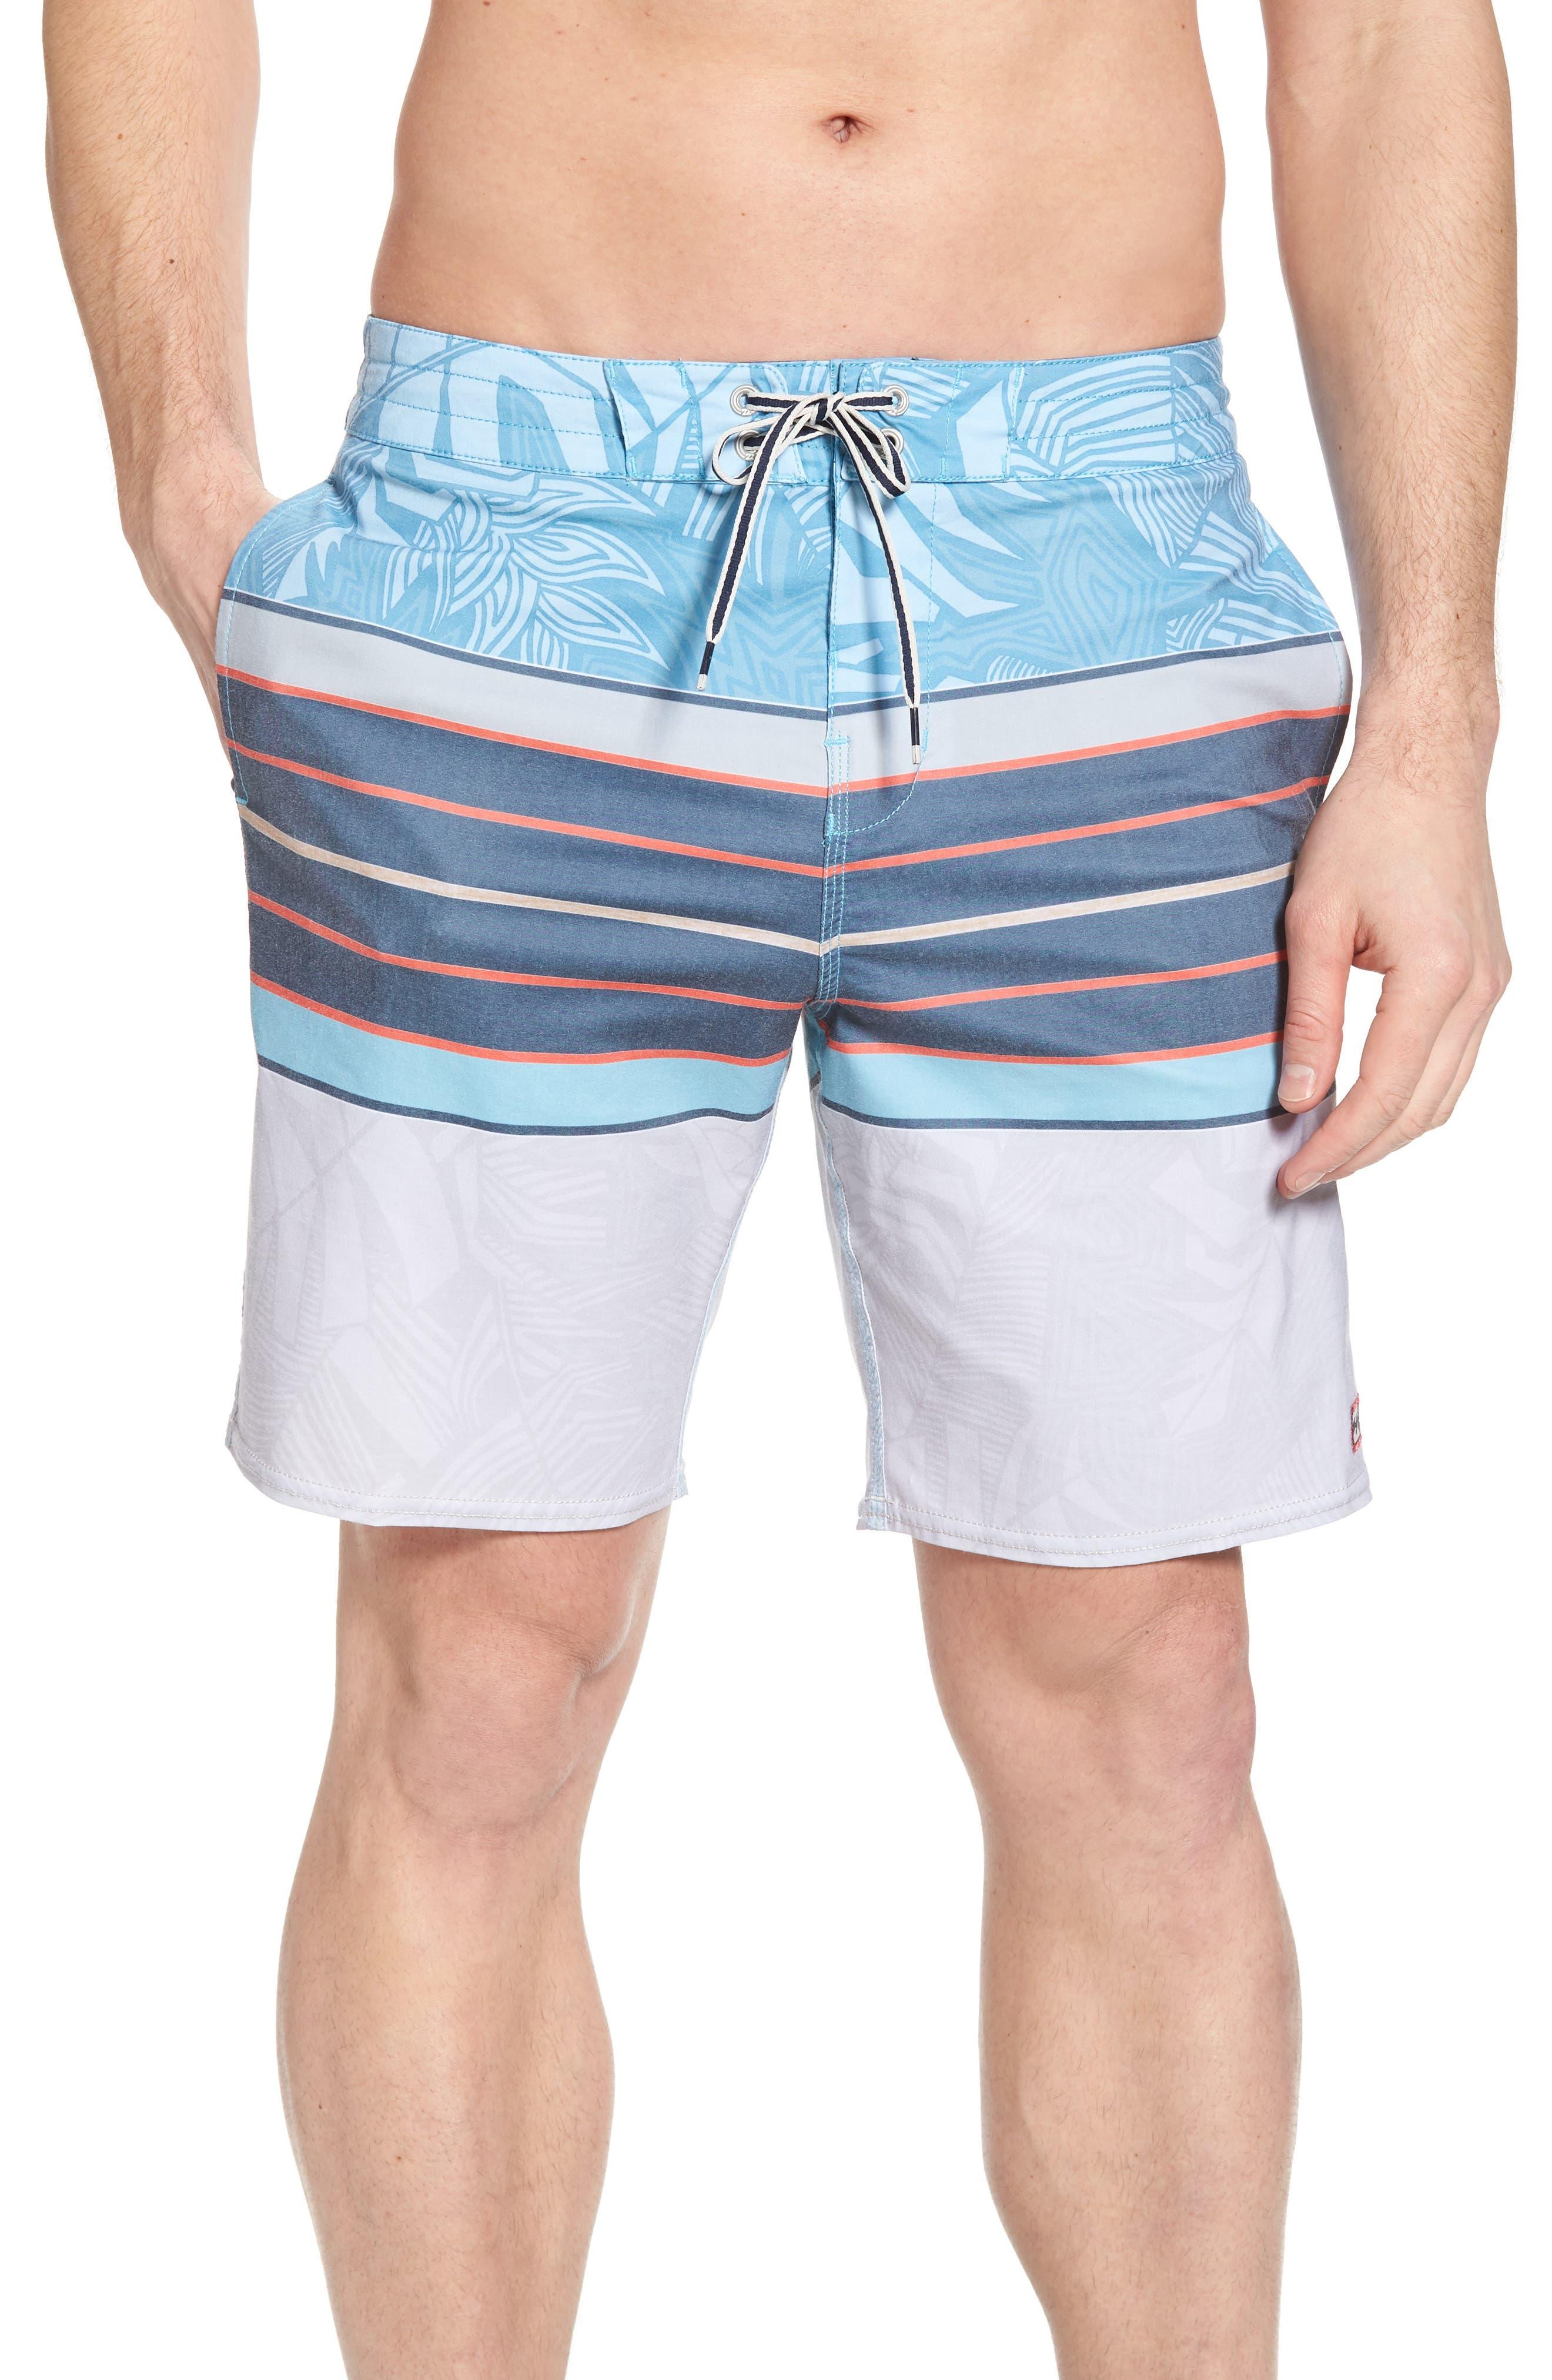 Stringer Lo Tides Board Shorts,                         Main,                         color, Blue